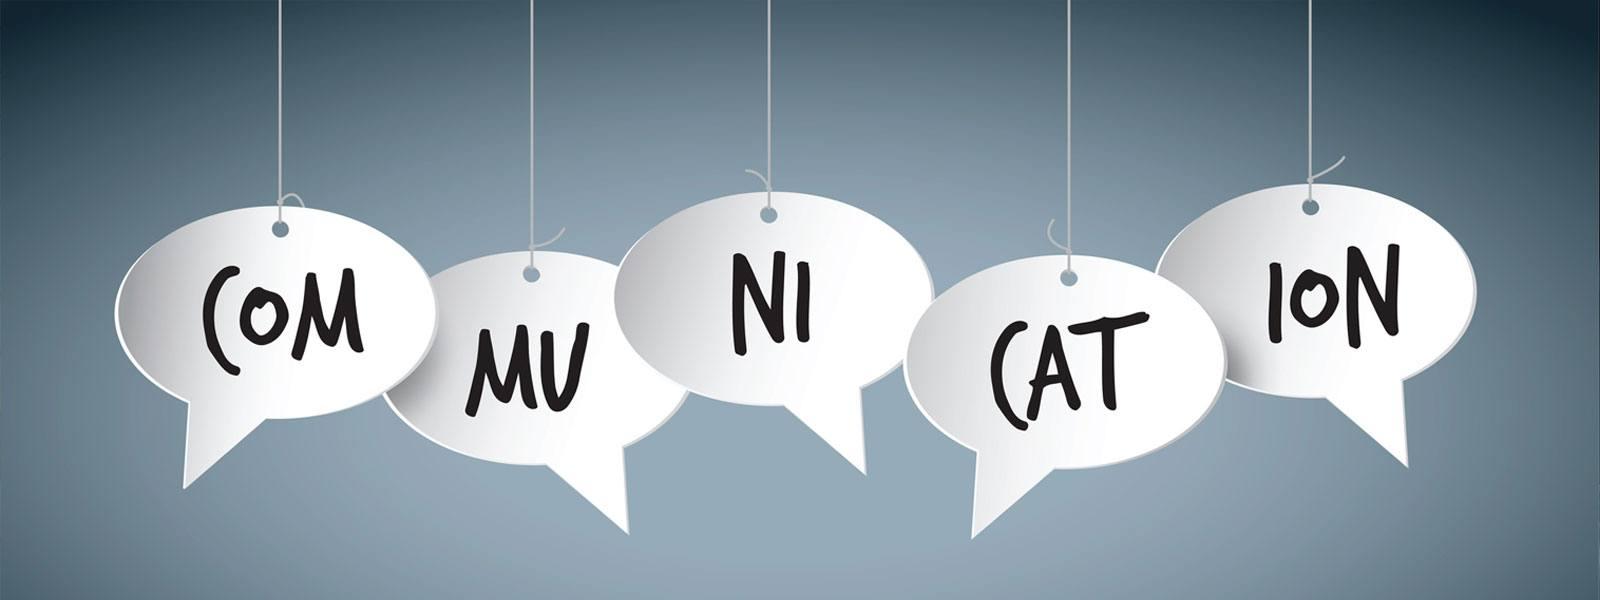 Un moyen efficace pour améliorer votre communication personnelle